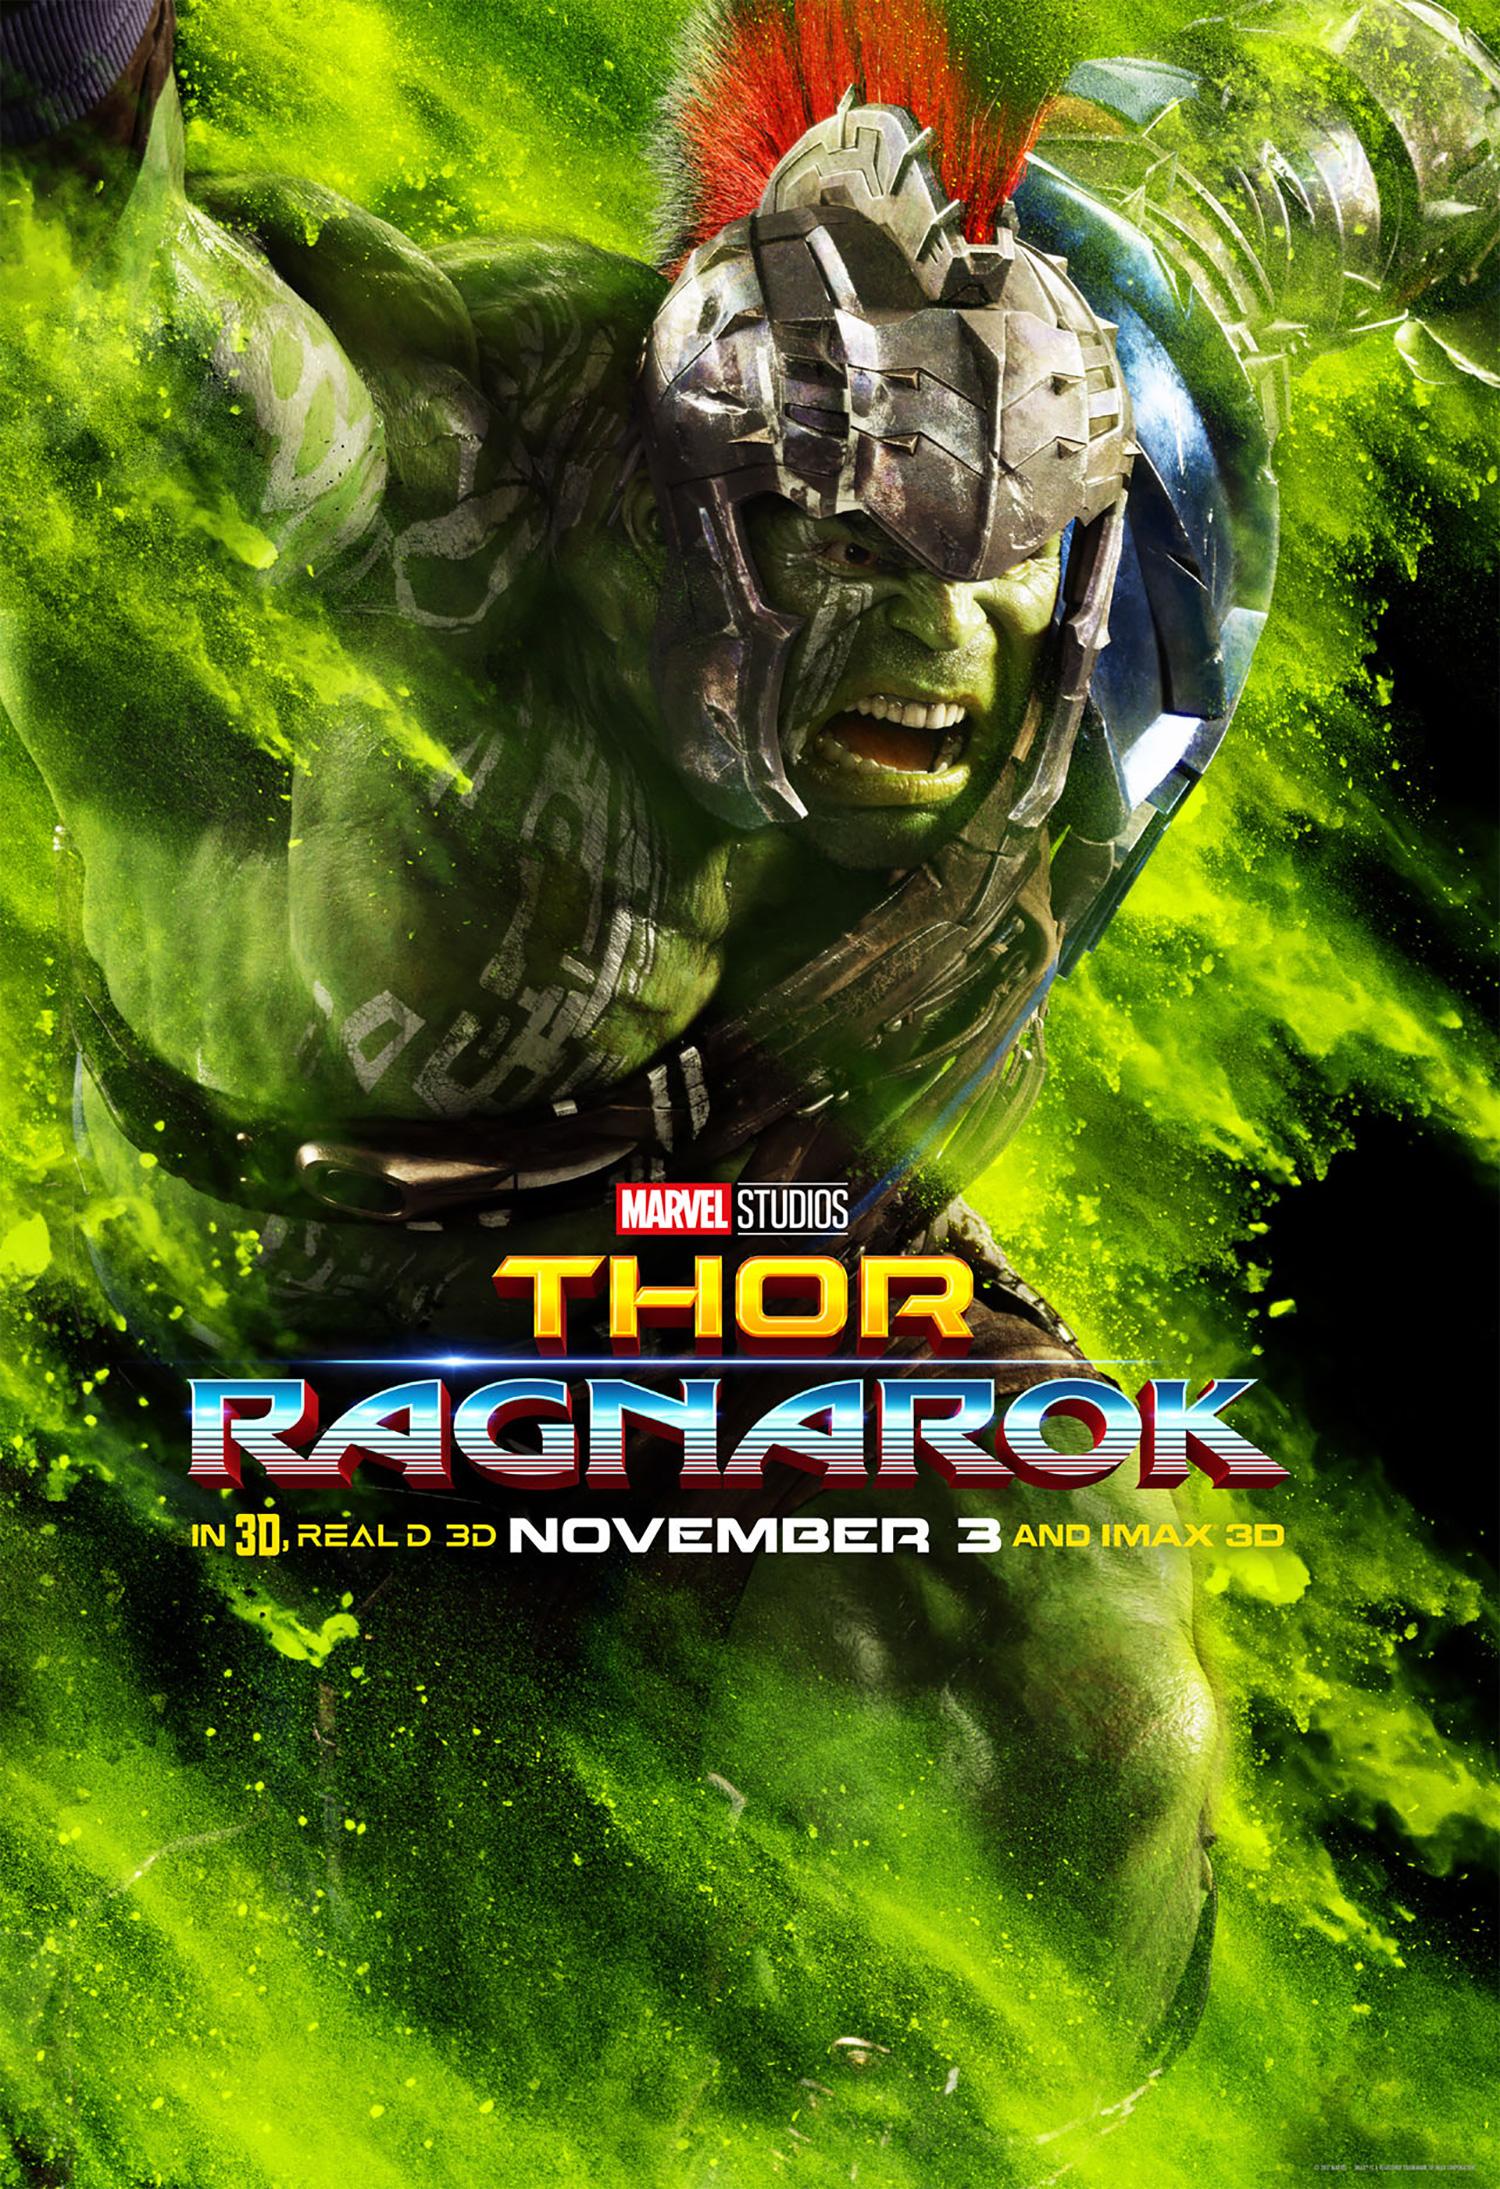 thorragnarok-hulk-large